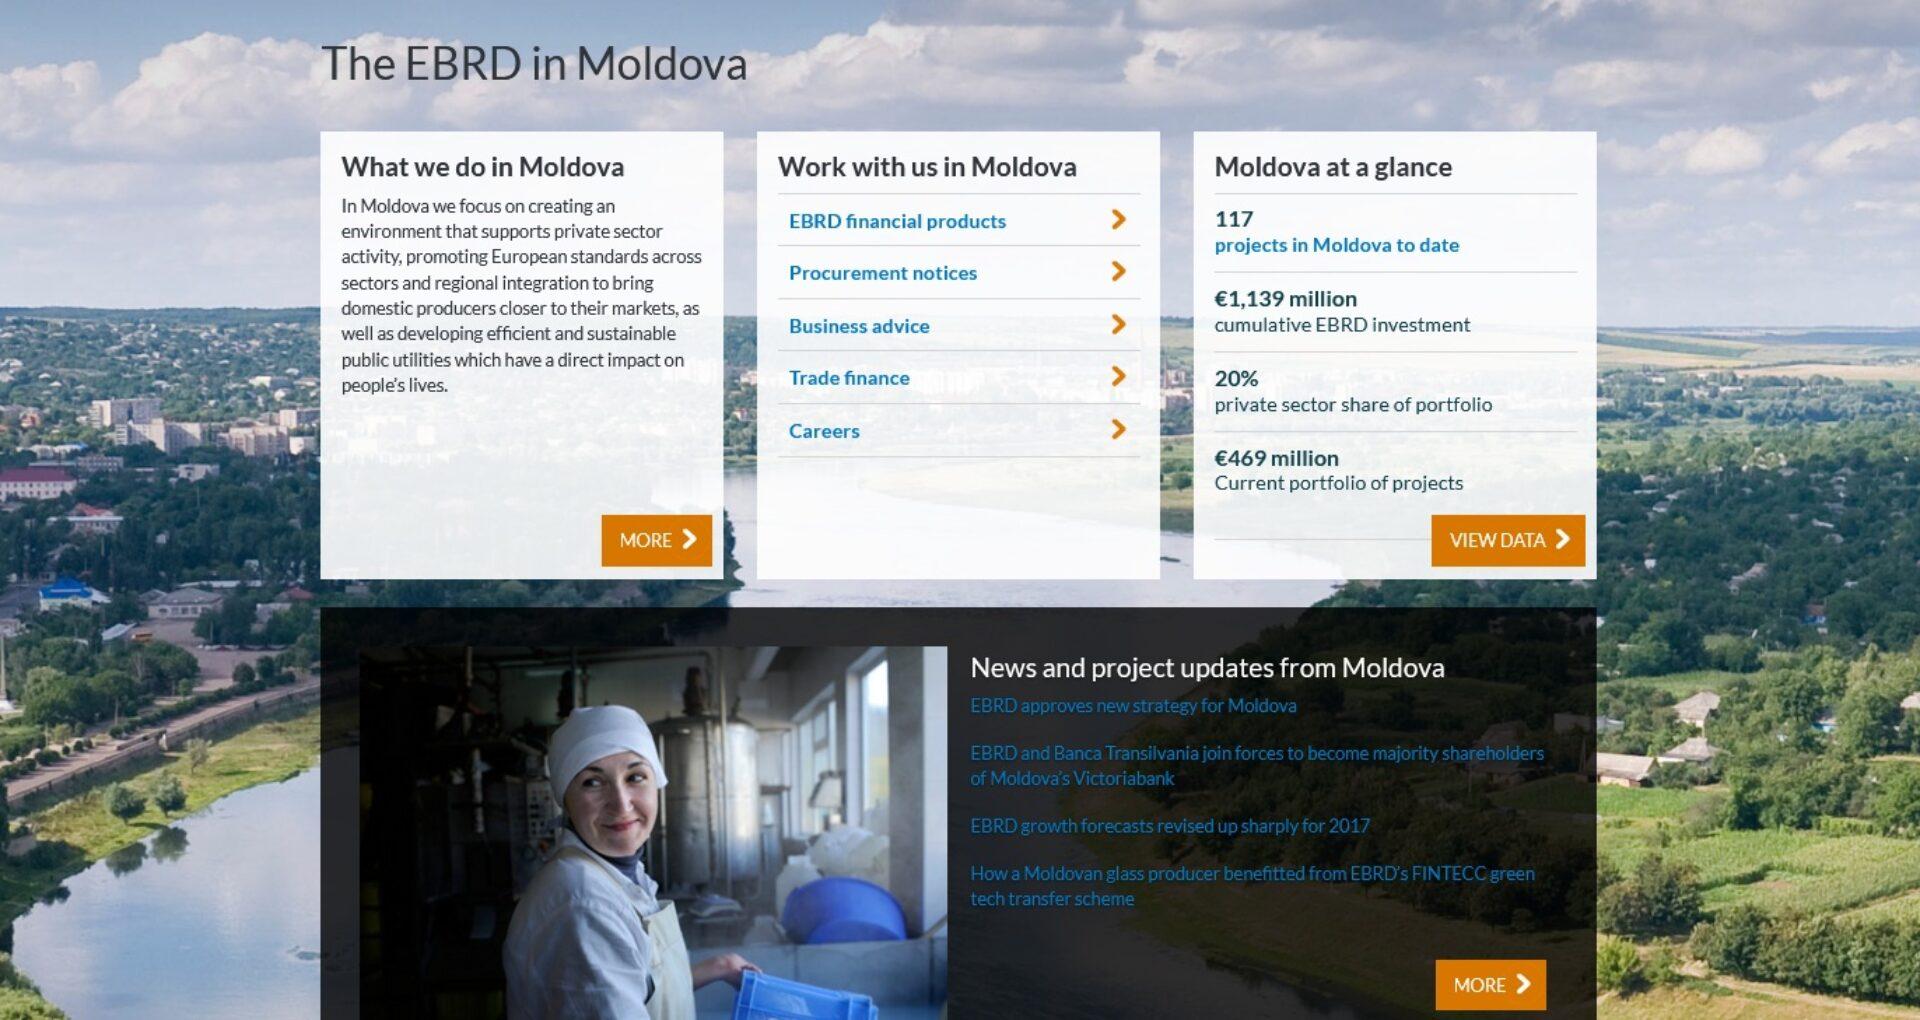 O nouă strategie BERD în Moldova: restructurarea sectorului bancar și transparența finanțelor publice